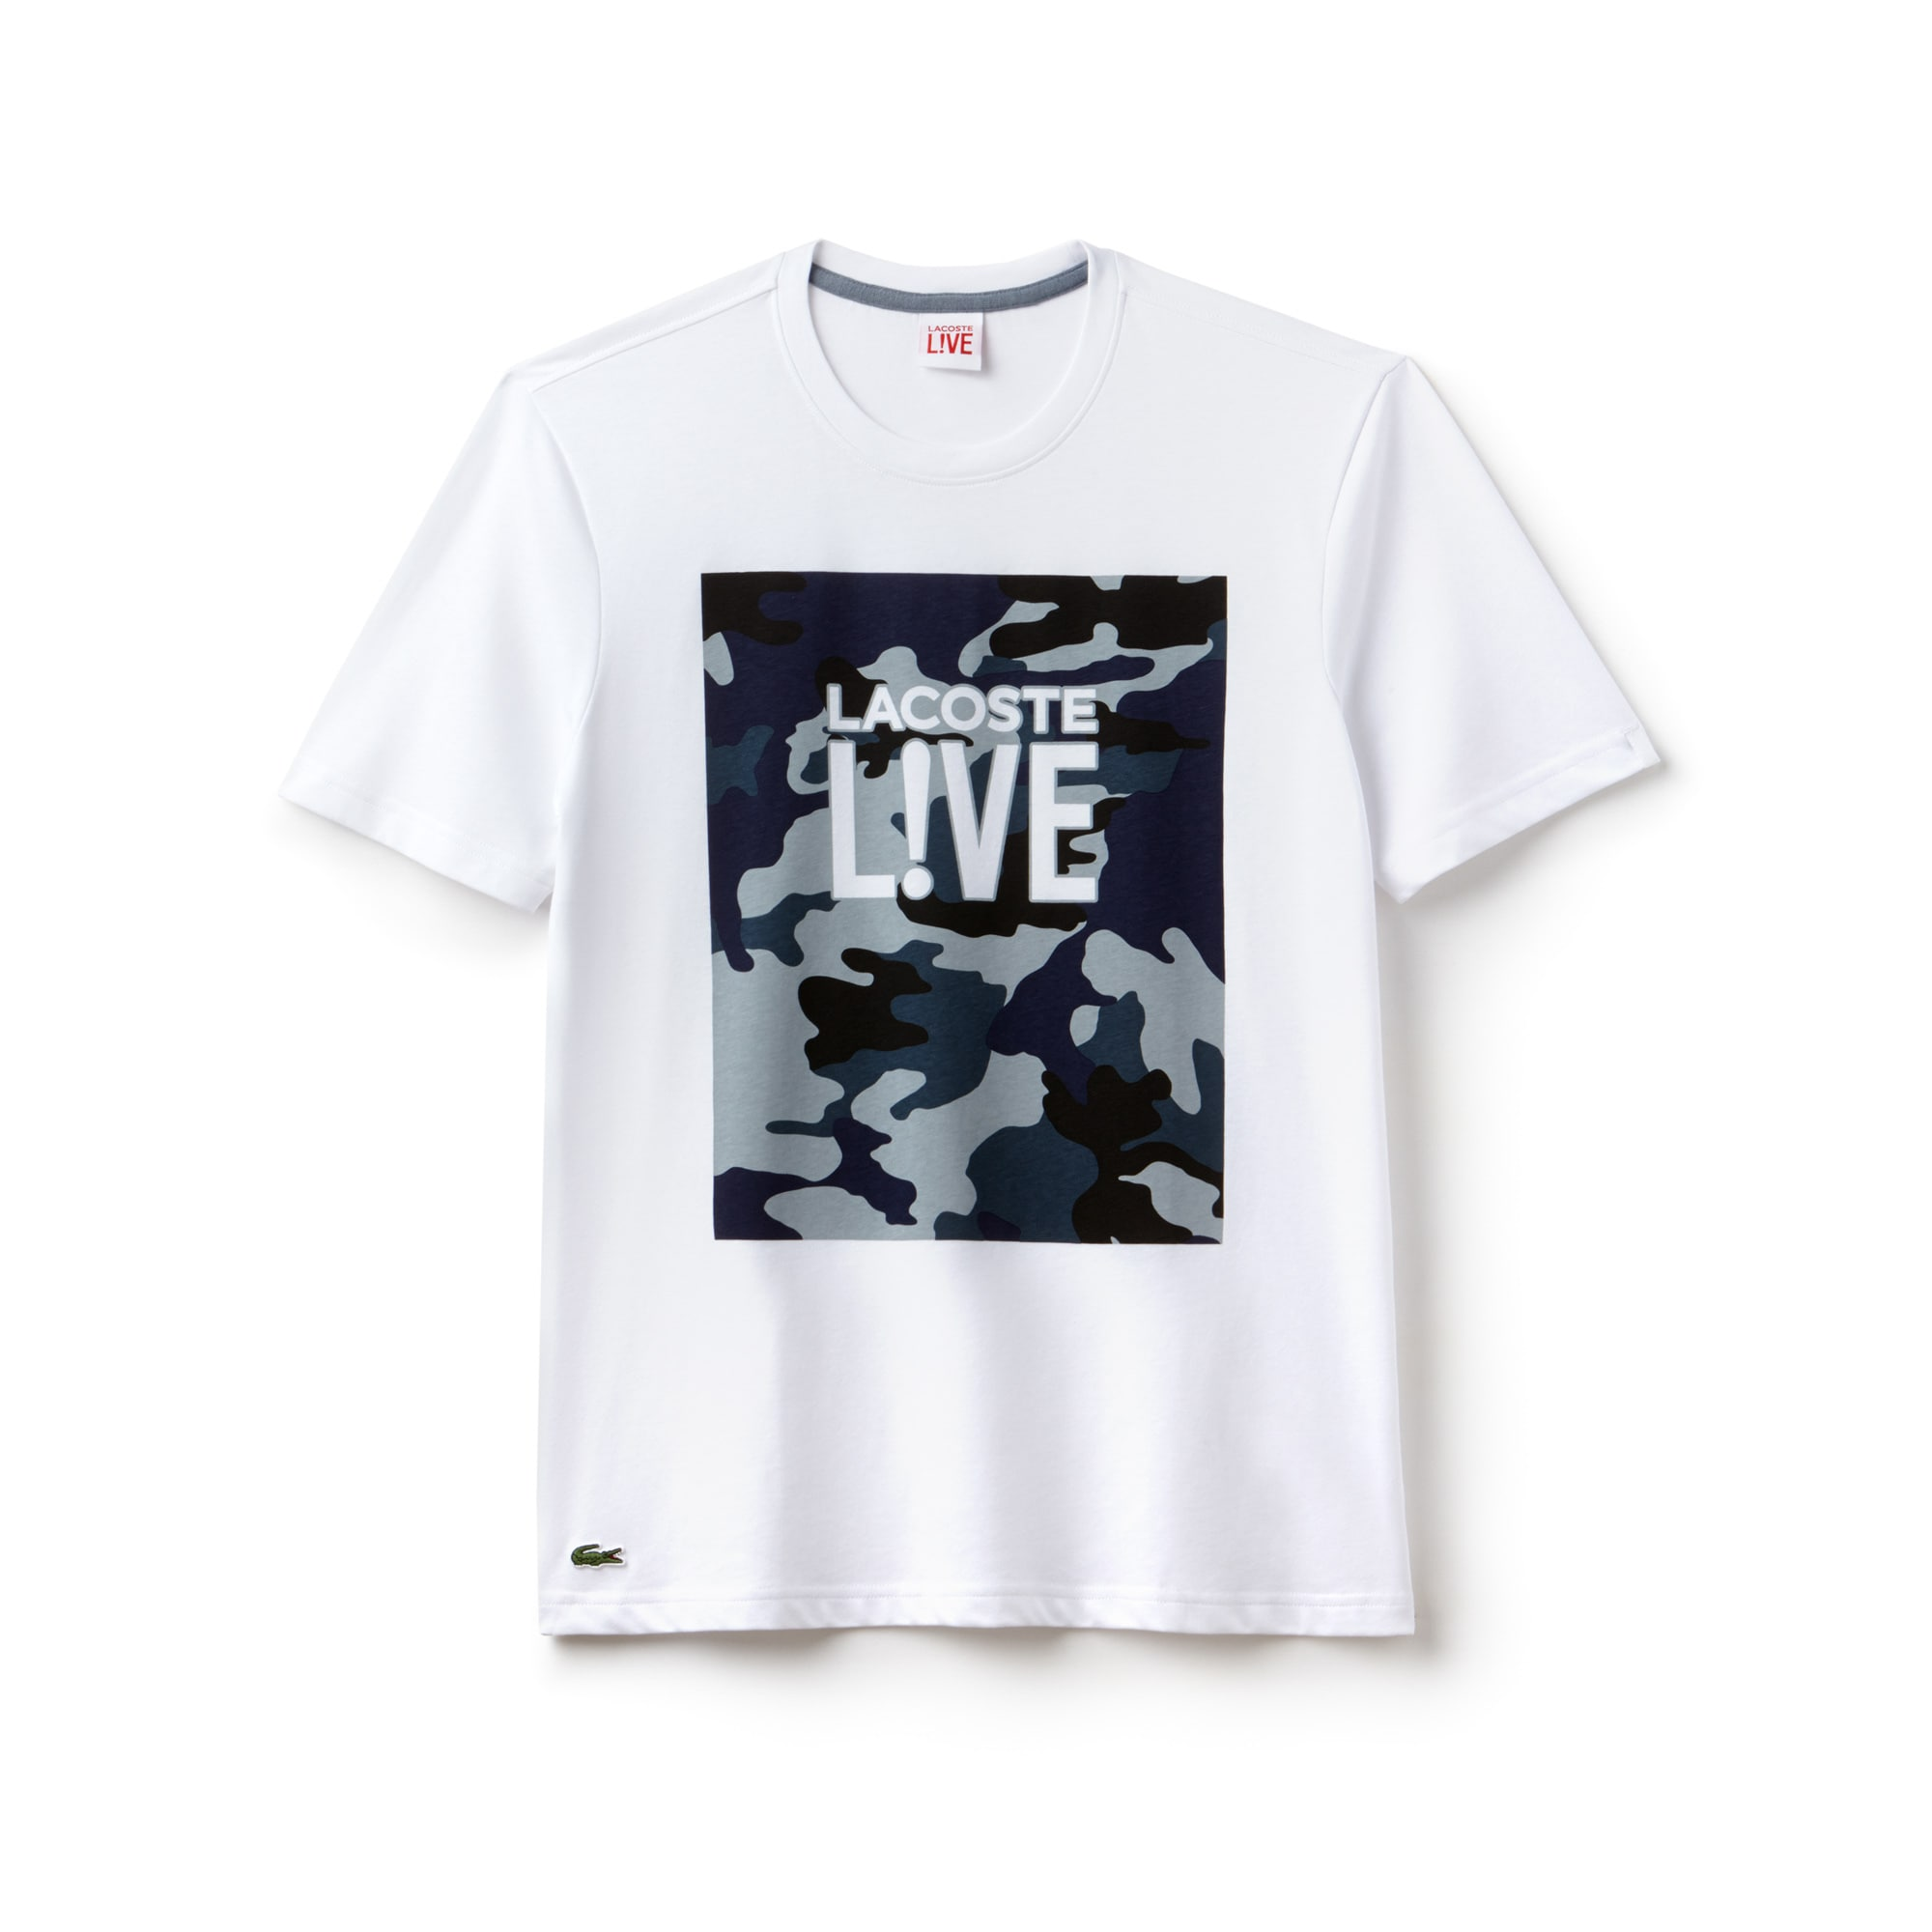 Camiseta de cuello redondo Lacoste LIVE de punto jersey con marcado estampado